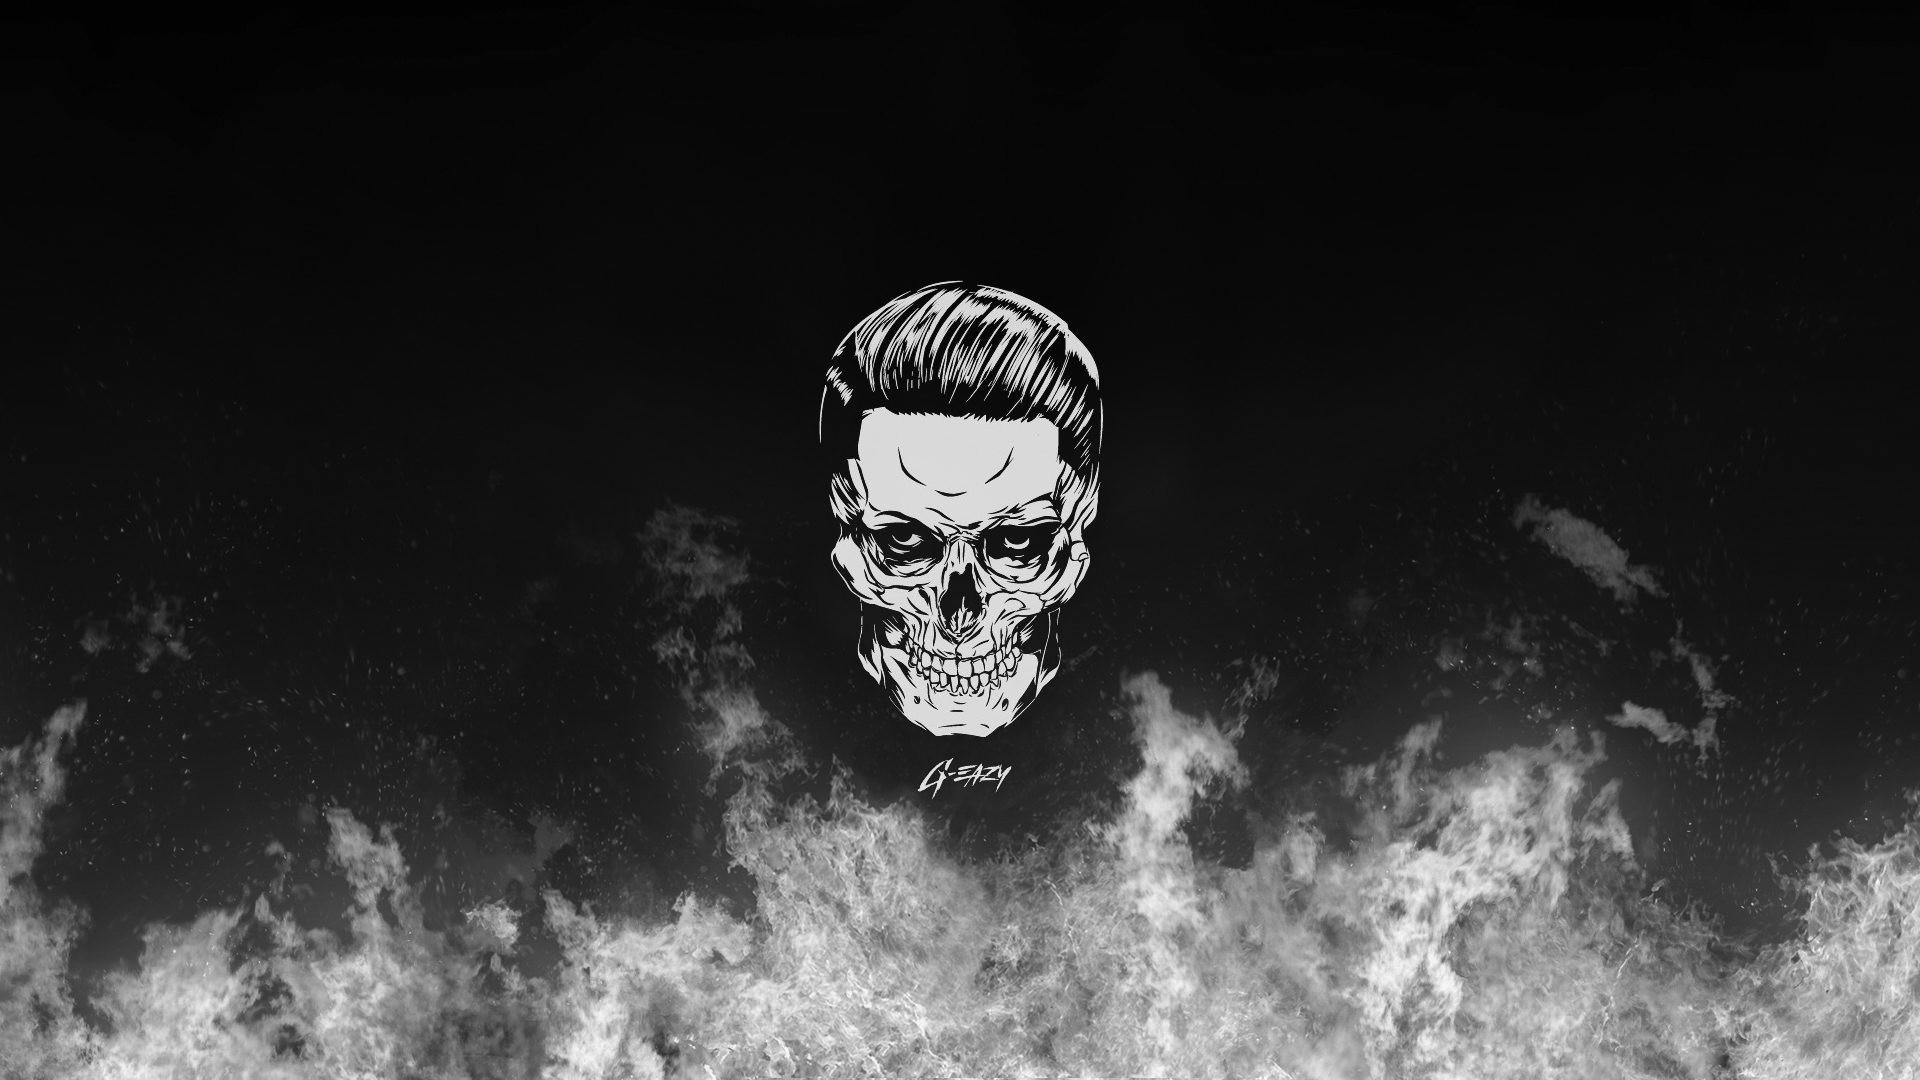 G-eazy Skull | Gallsource.com